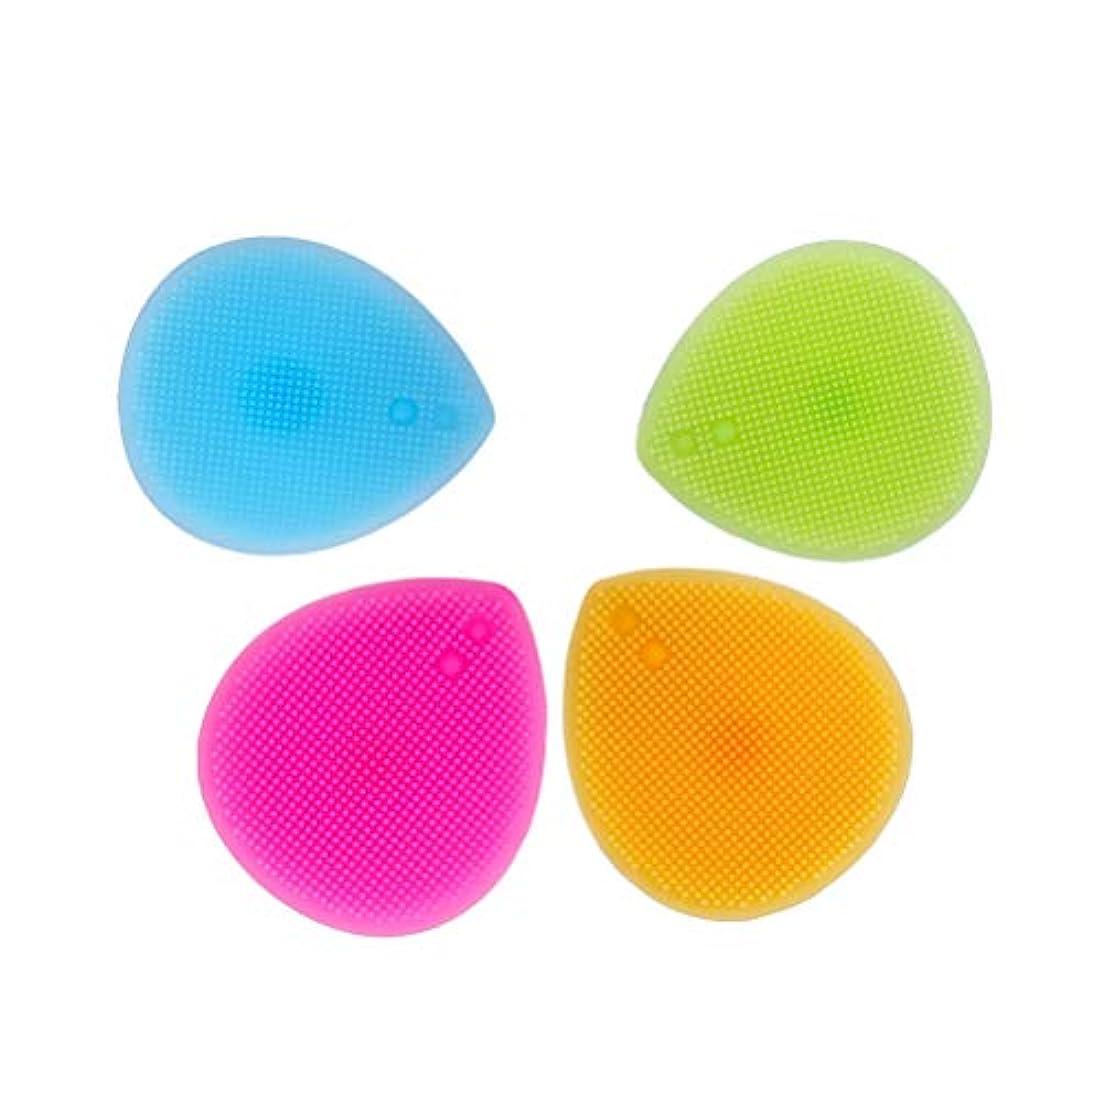 ささいな人事頬骨HEALIFTY シリコーンブラシクリーナー4PCSメイクアップブラシクリーニングパッドリトルラバーマット(オレンジ+ローズ+ブルー+グリーン)